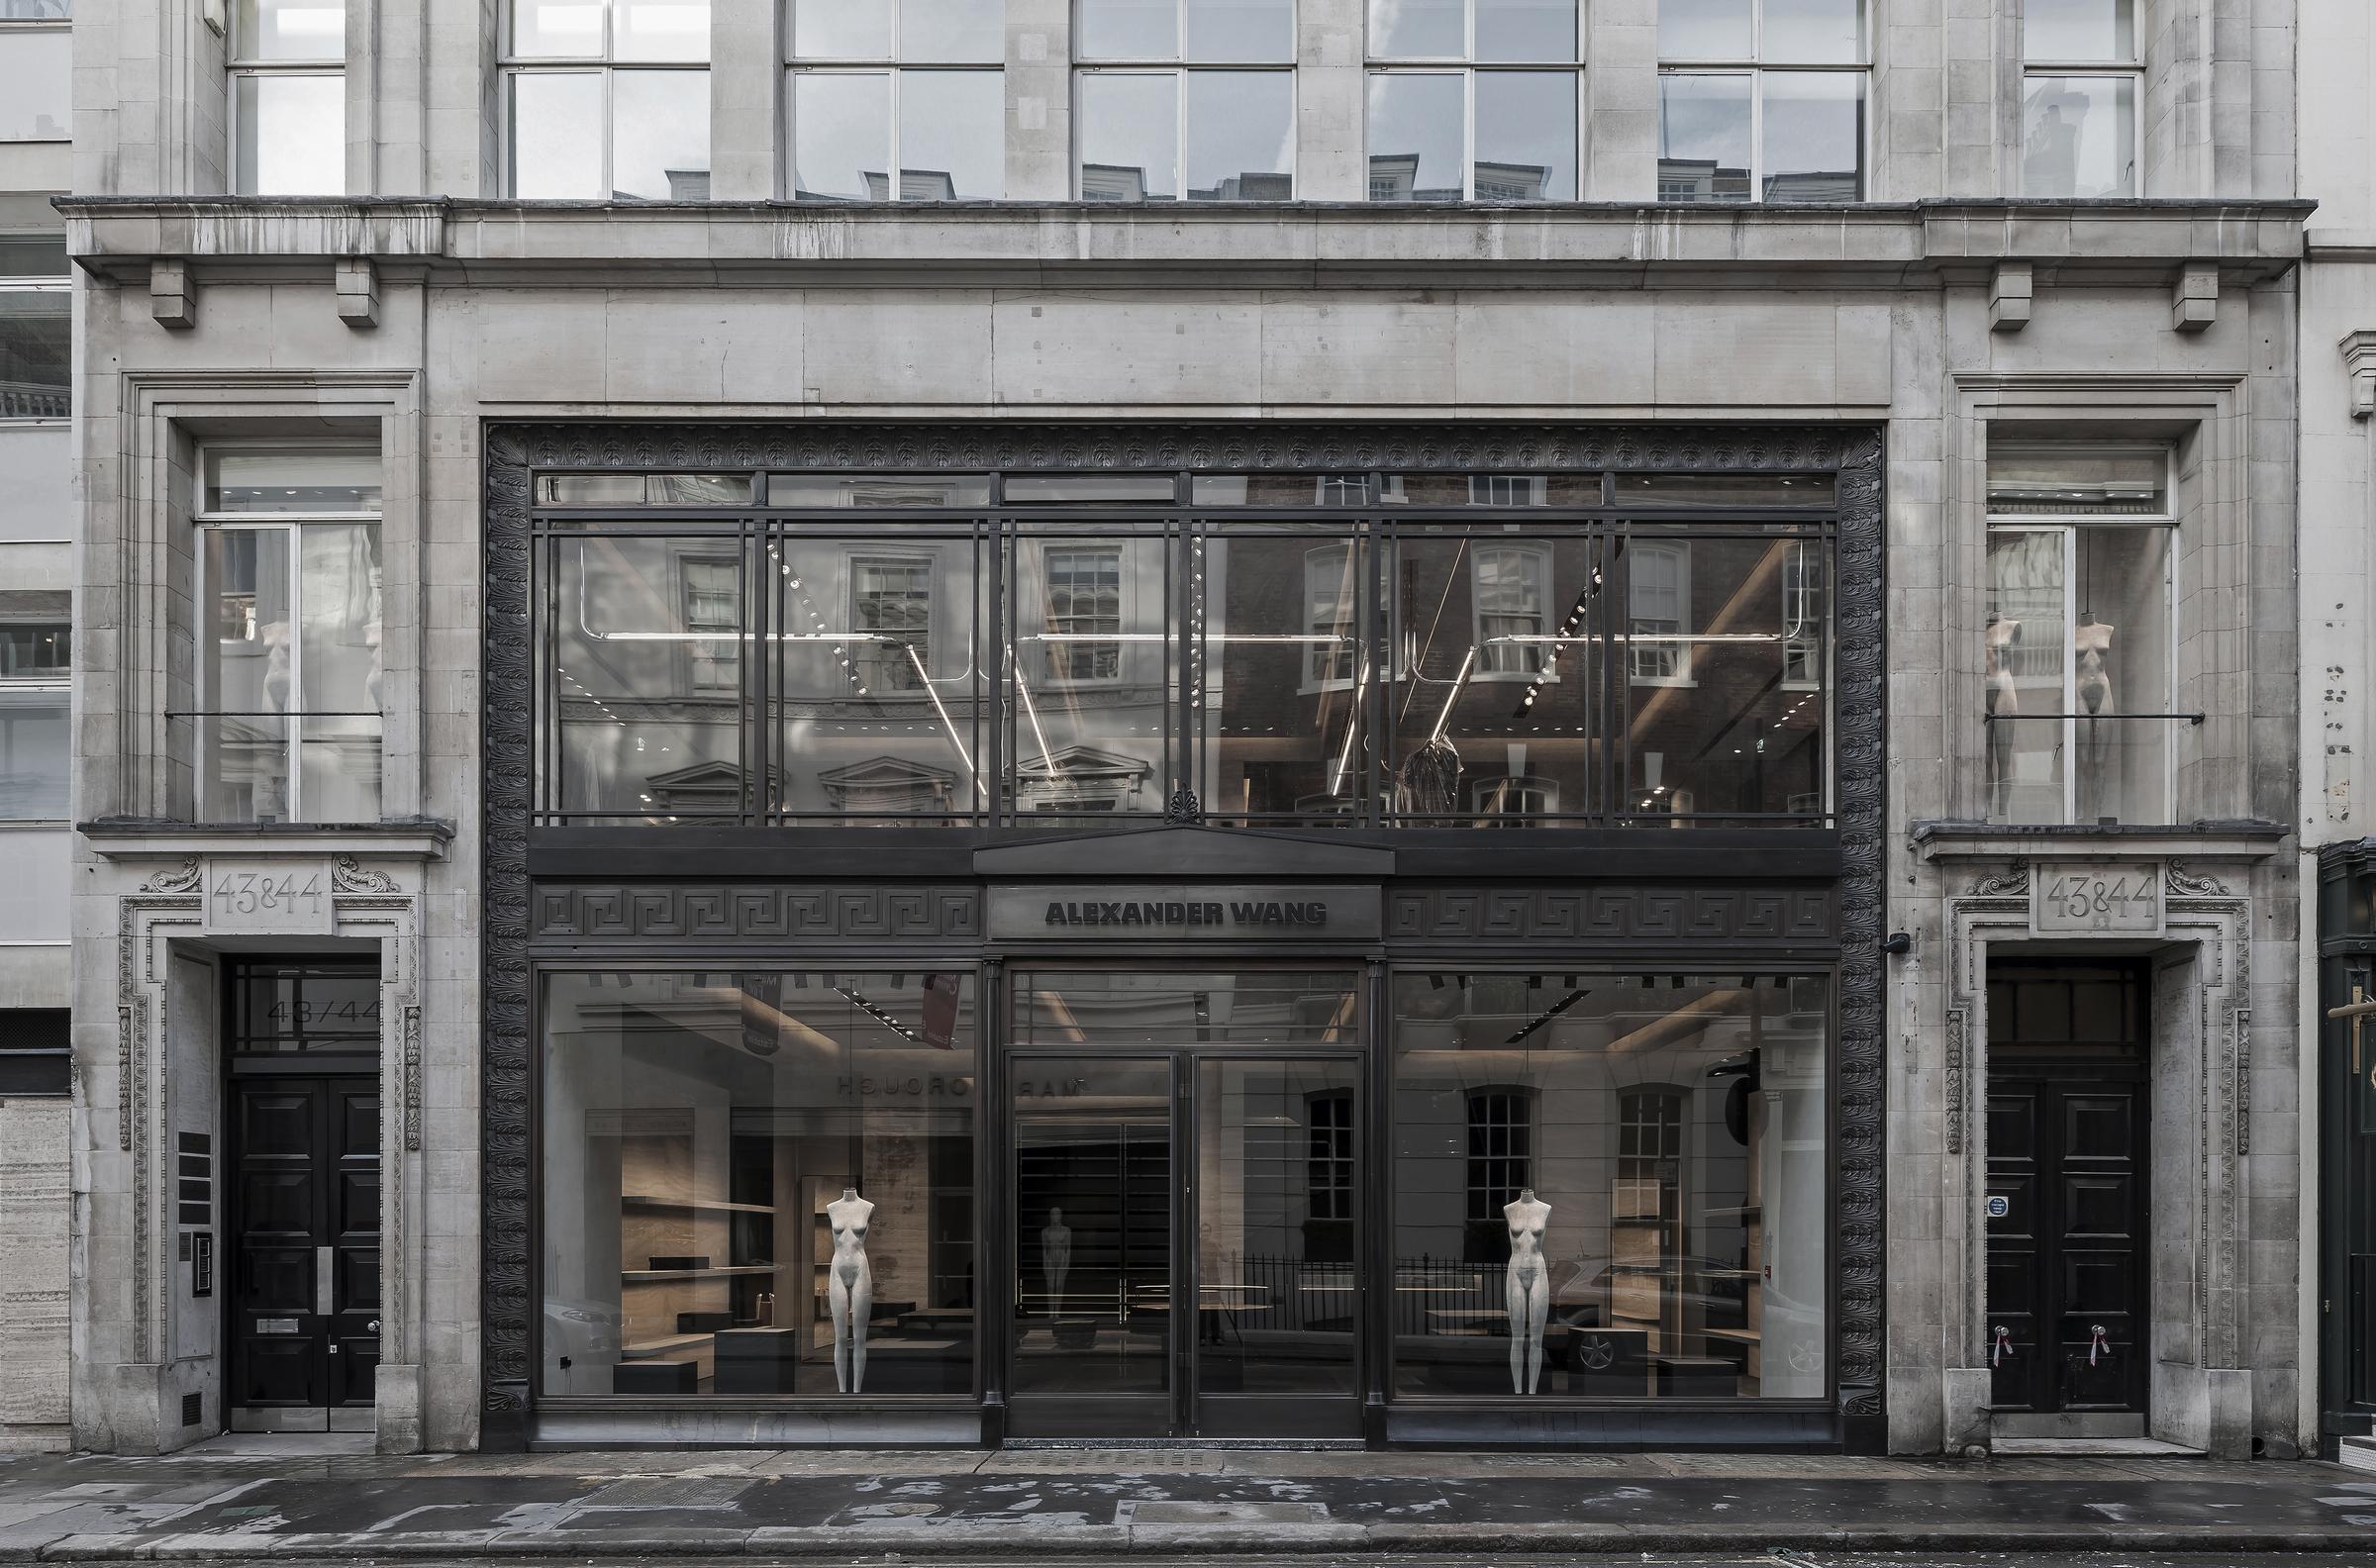 alexander wang opens first european flagship in london